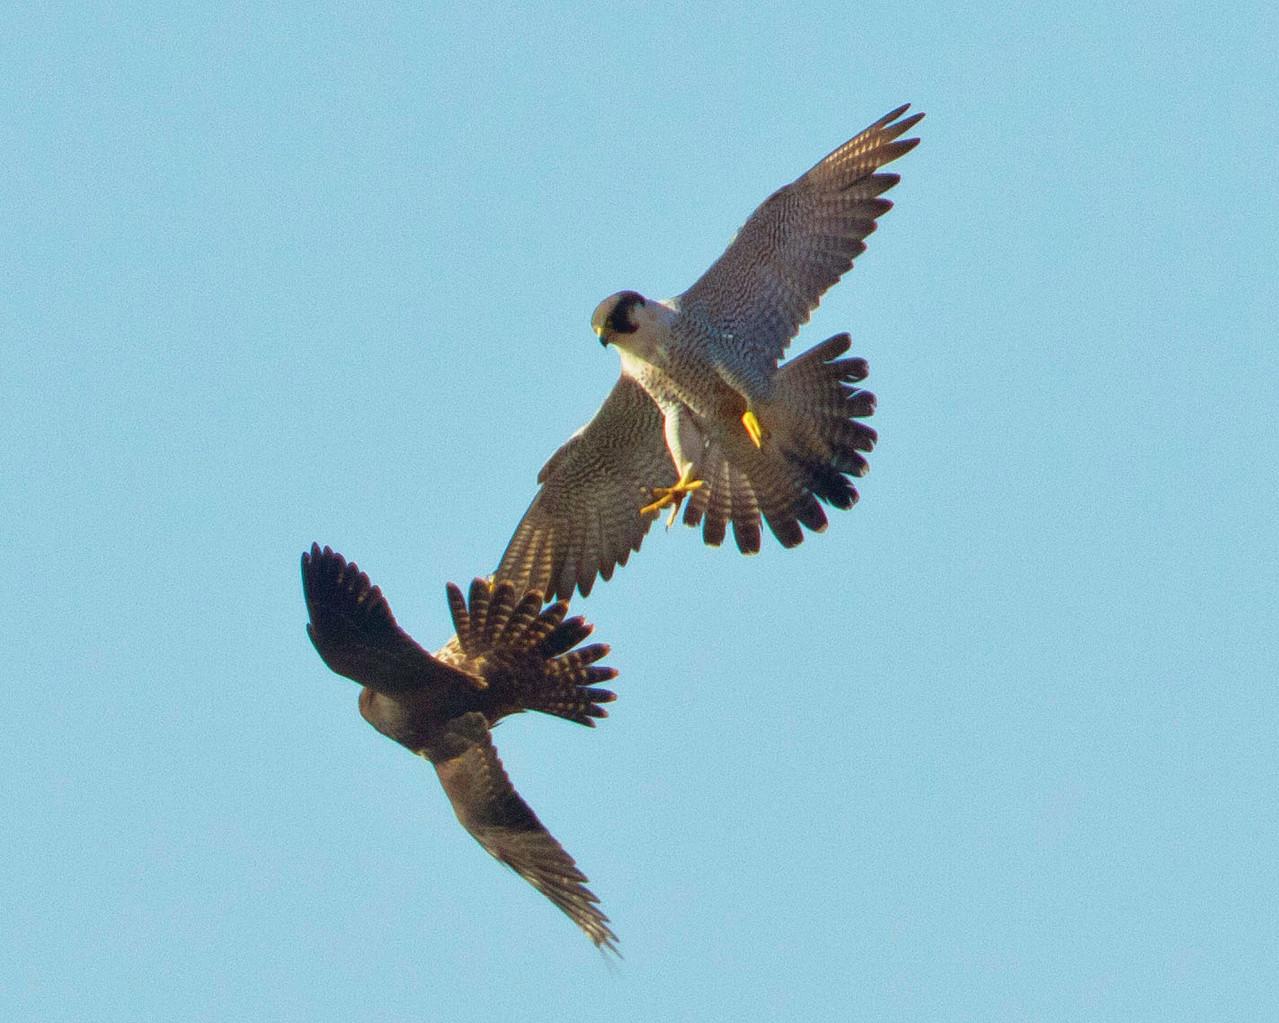 Luftkampf von zwei Wanderfalken